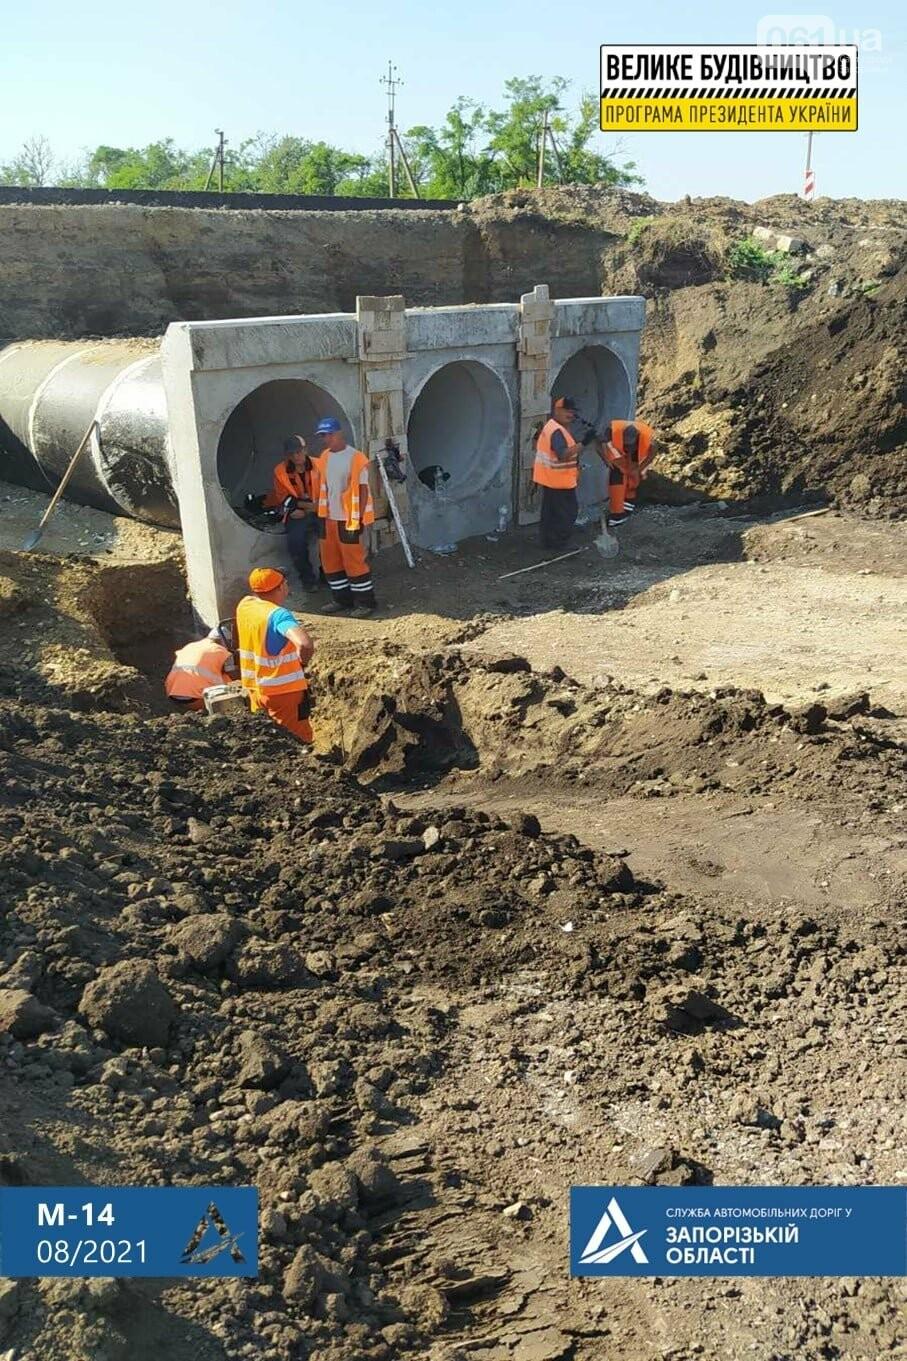 23320953842235943044144265492054073911892113n 610d0c4b21bf9 - На трассе Одесса - Новоазовск проводят ремонт двух мостов в Бердянском районе